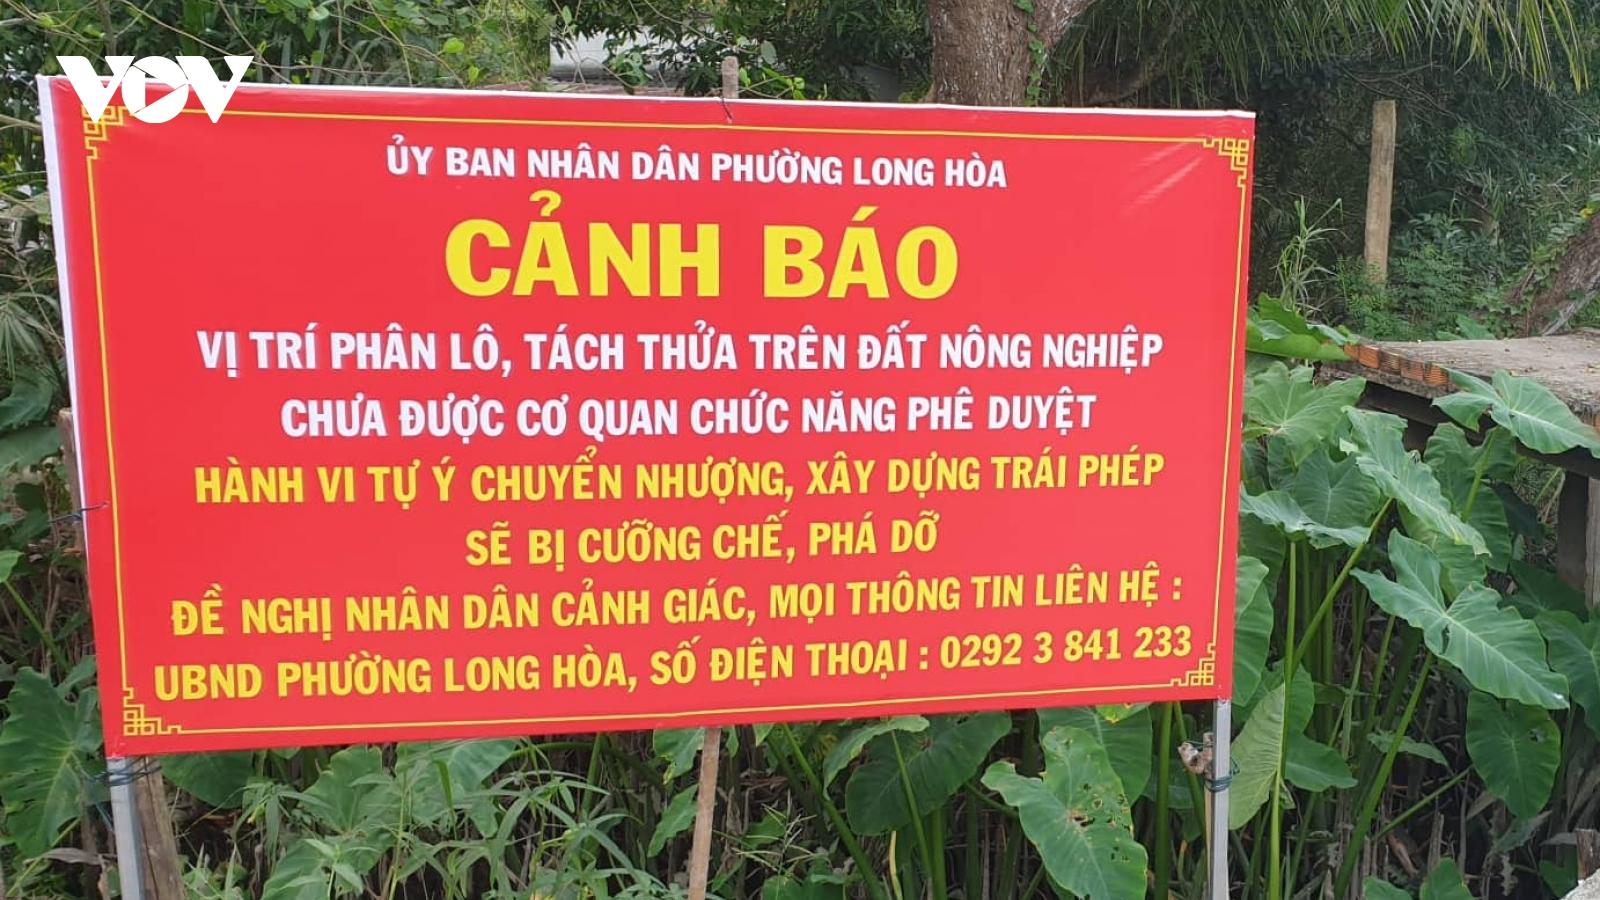 Cựu Phó Chủ tịch quận Bình Thủy, Cần Thơ bị khởi tố